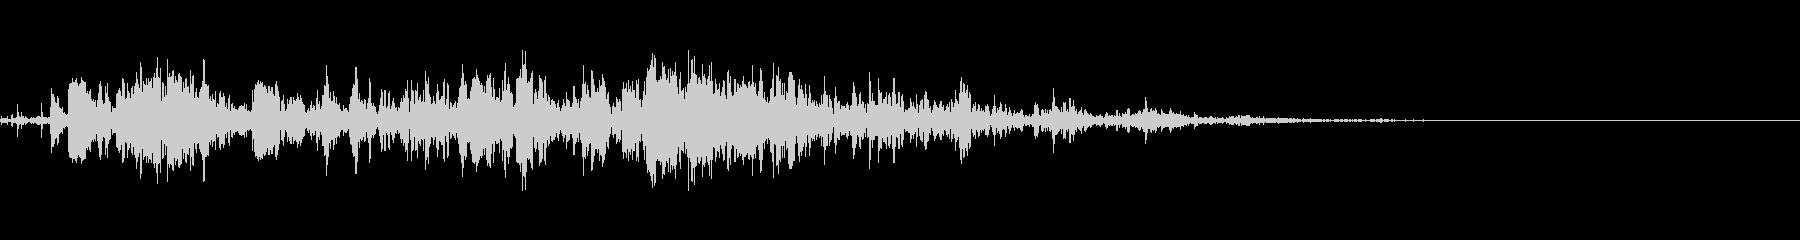 雷 落雷の迫力ある効果音 03の未再生の波形